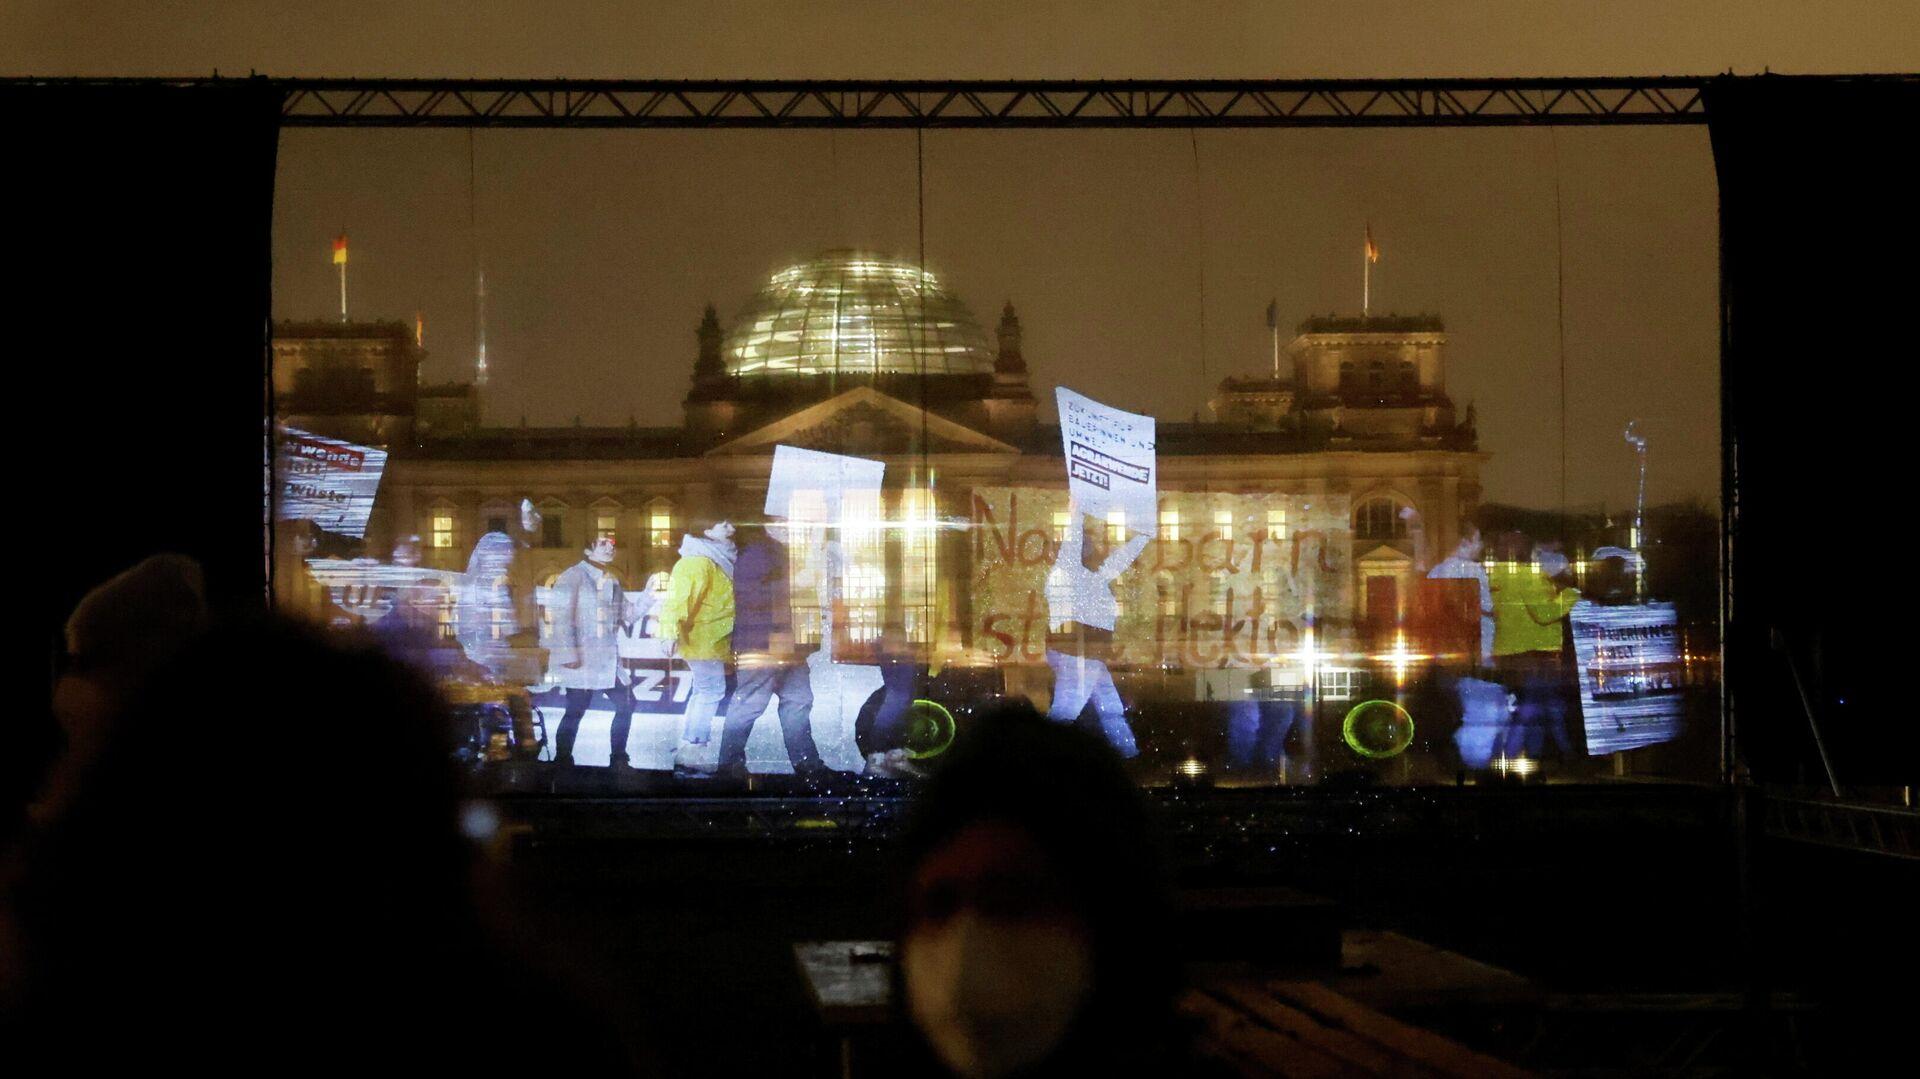 Greenpeace-Anhänger protestieren mit Hilfe von Hologrammen gegen die Agrarpolitik der Bundesregierung, 4. Februar 2021 - SNA, 1920, 04.02.2021